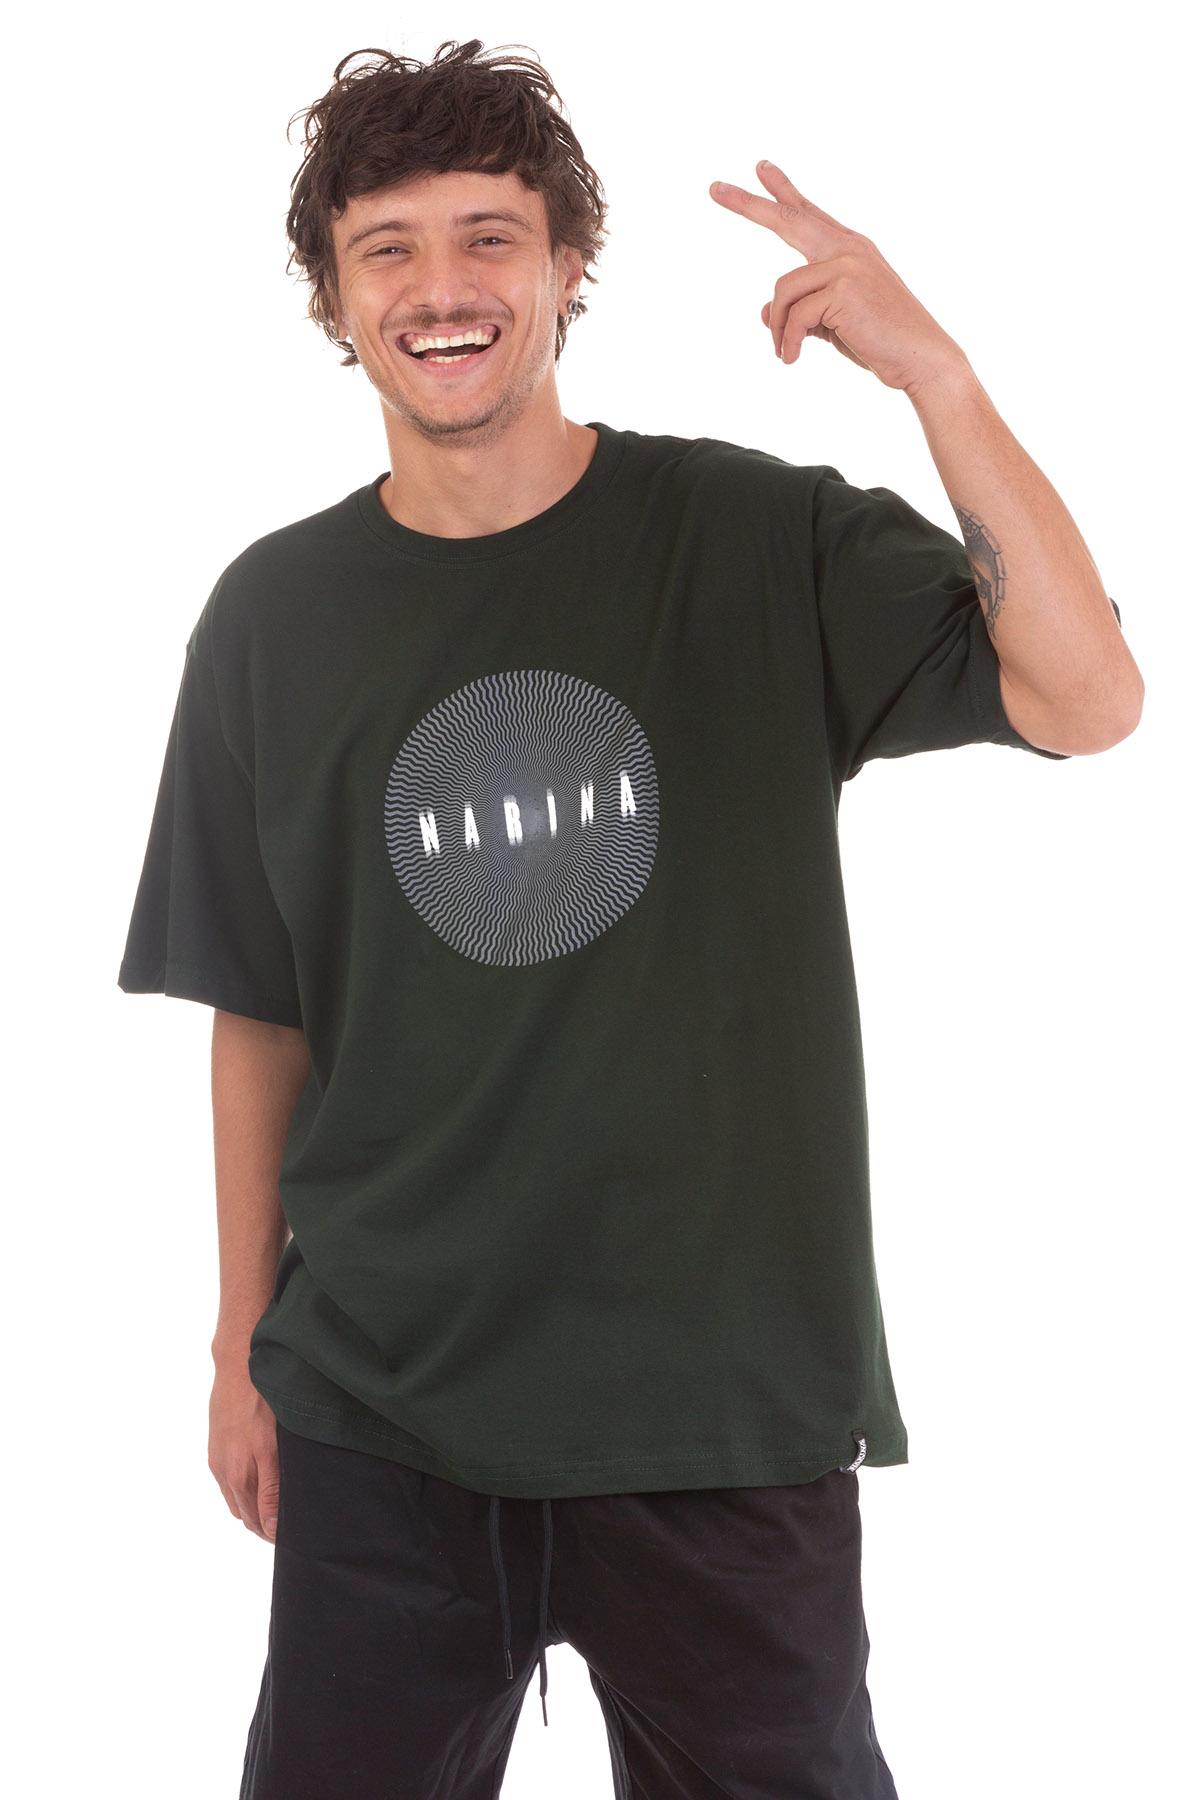 Camiseta Manga Curta Narina Skate Vertigem